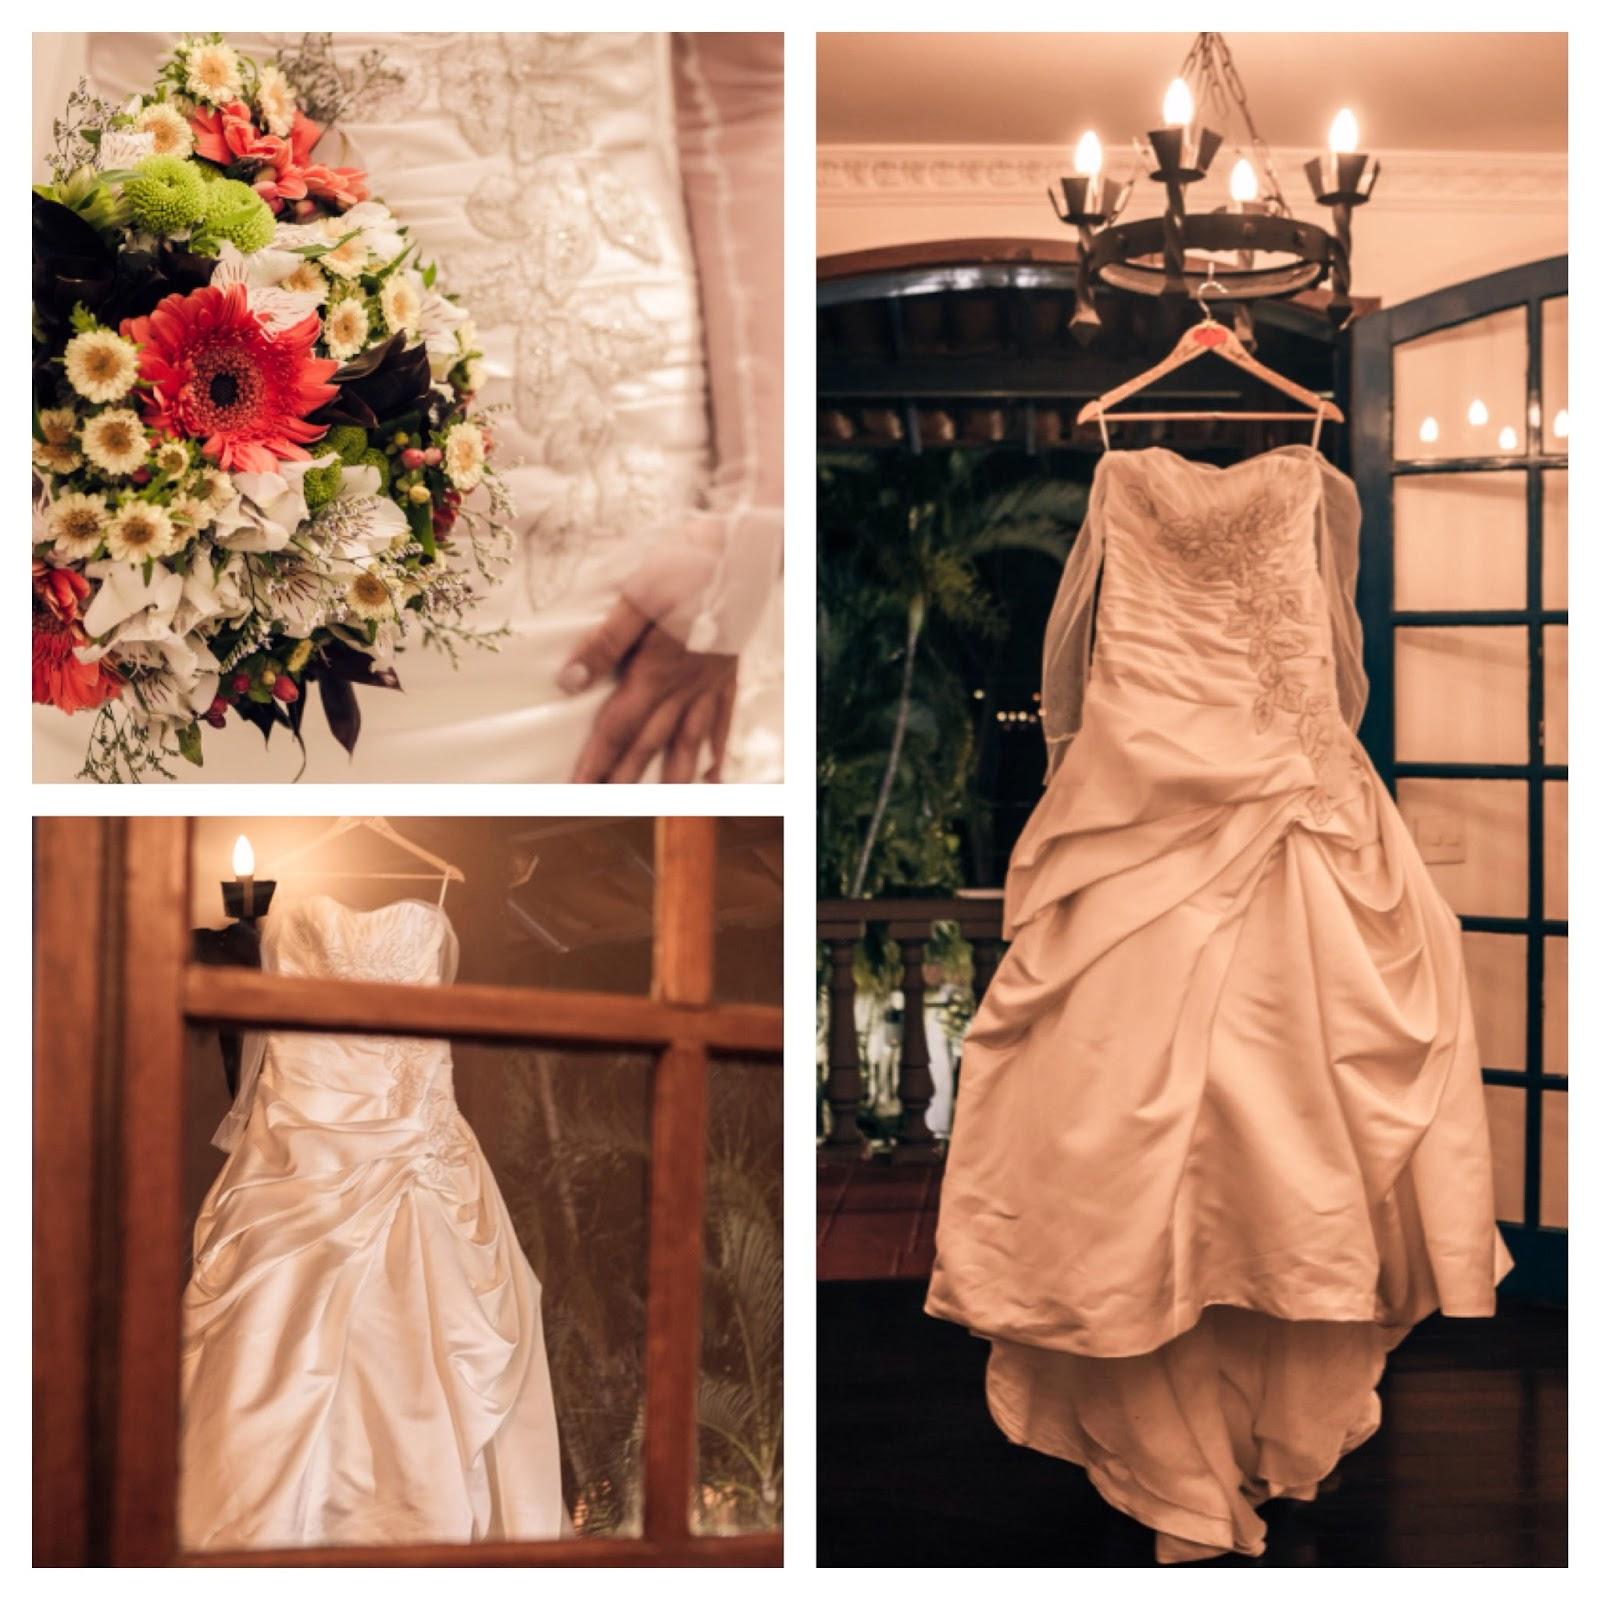 Vestidos de novia en quito olx